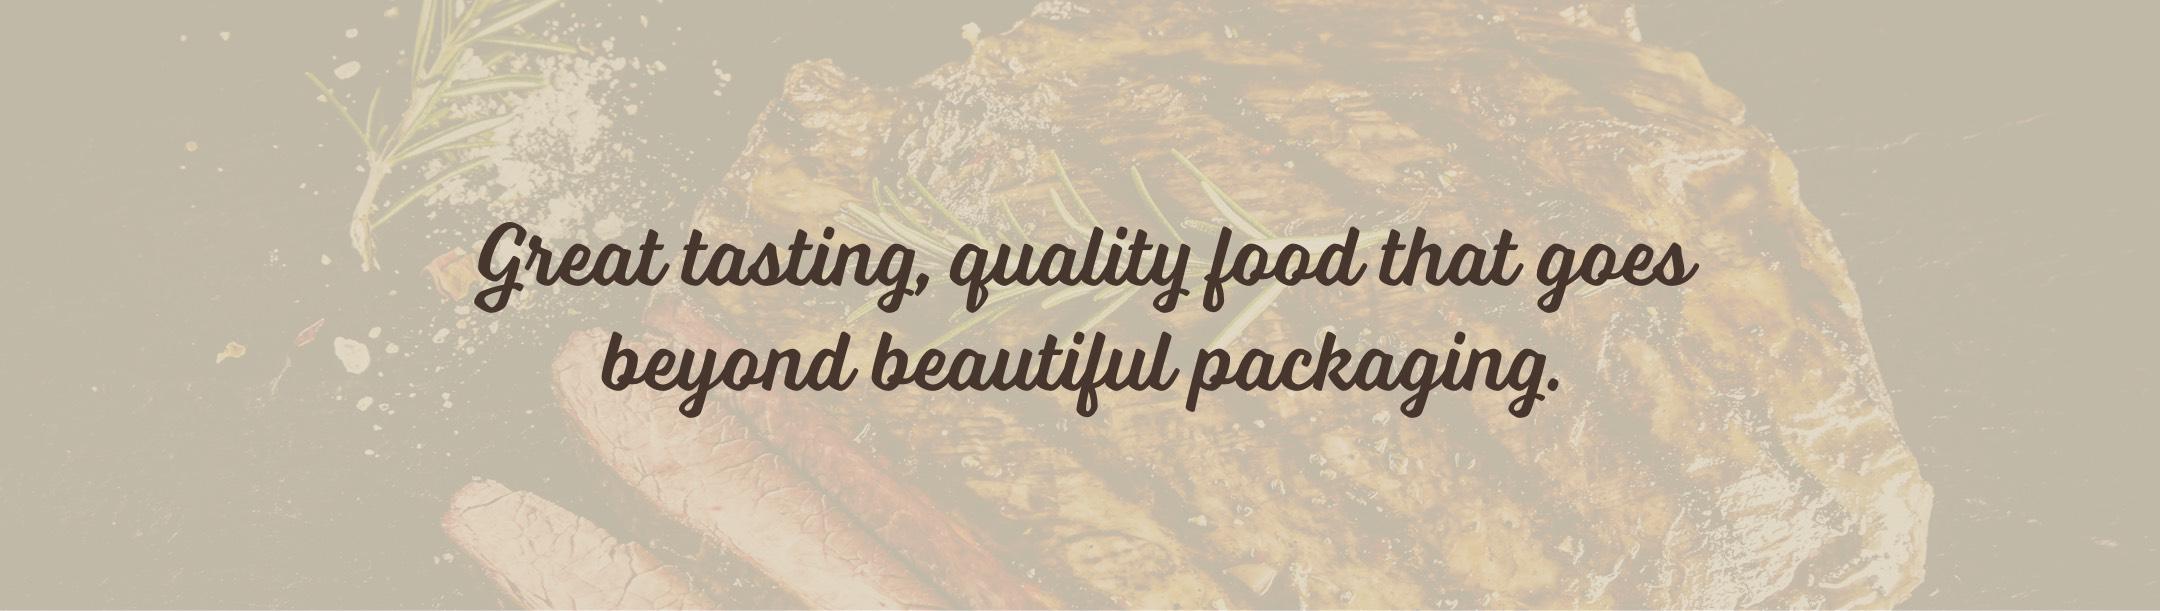 zephyr foods quote